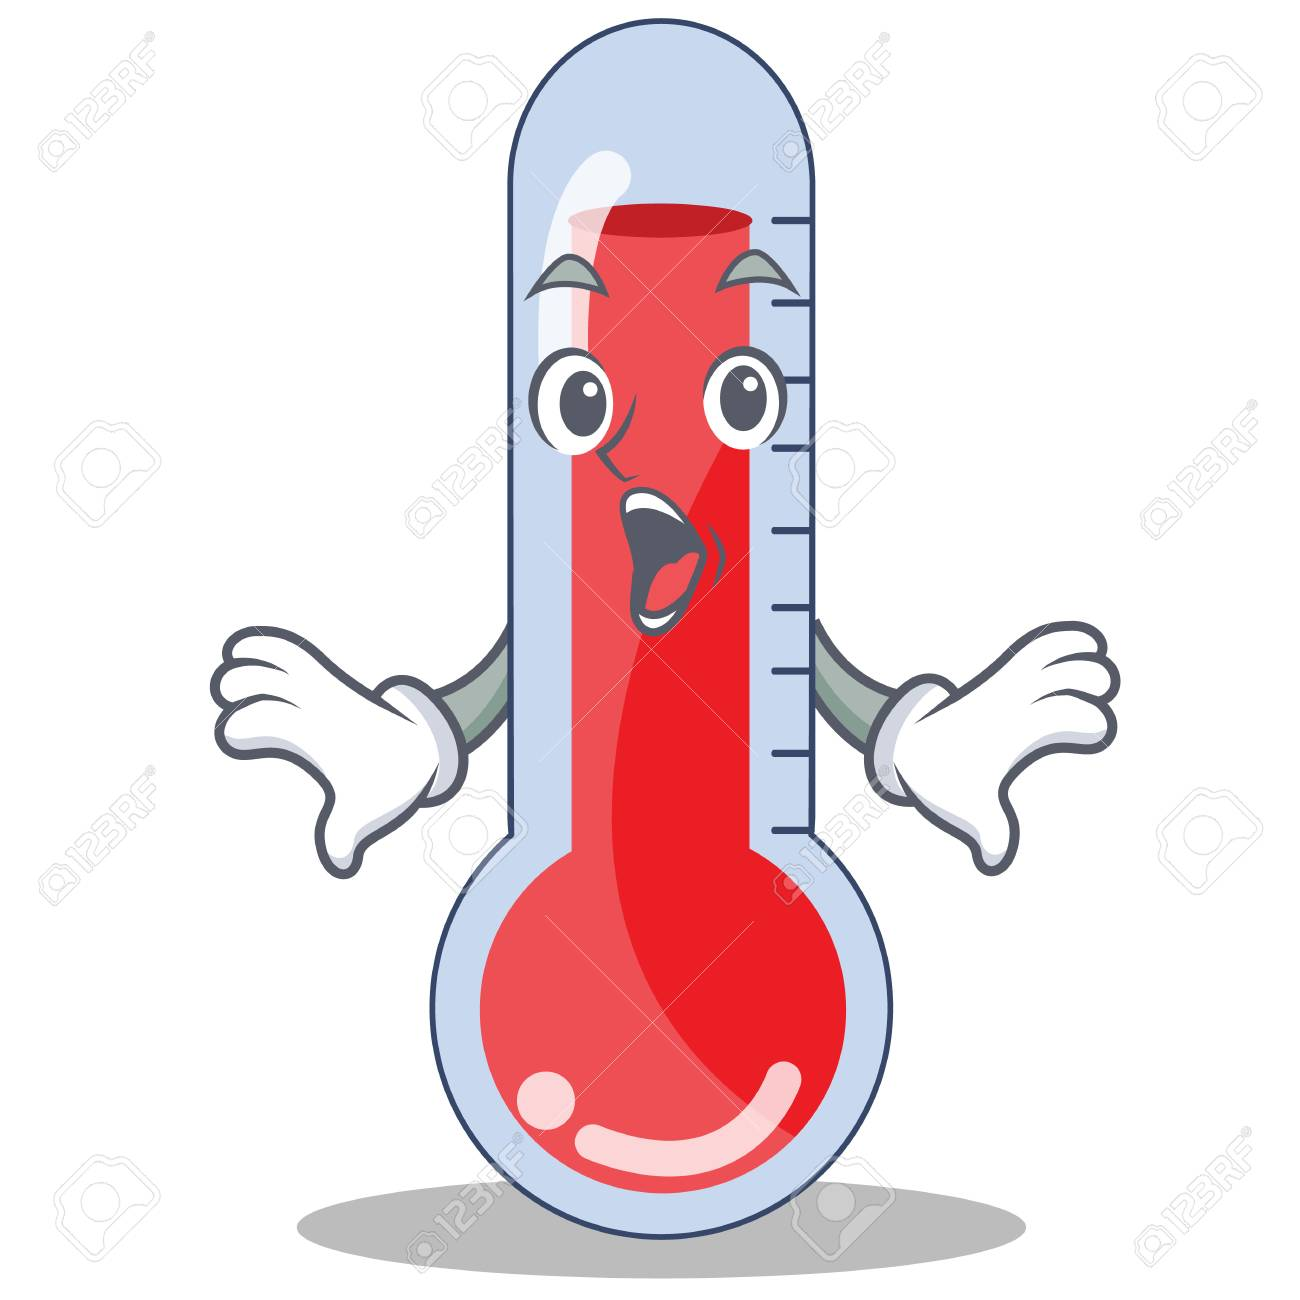 Termometro Dibujo Animado – O termômetro (português brasileiro) ou termómetro (português europeu) é um aparelho usado para medir a temperatura ou as variações de temperatura.